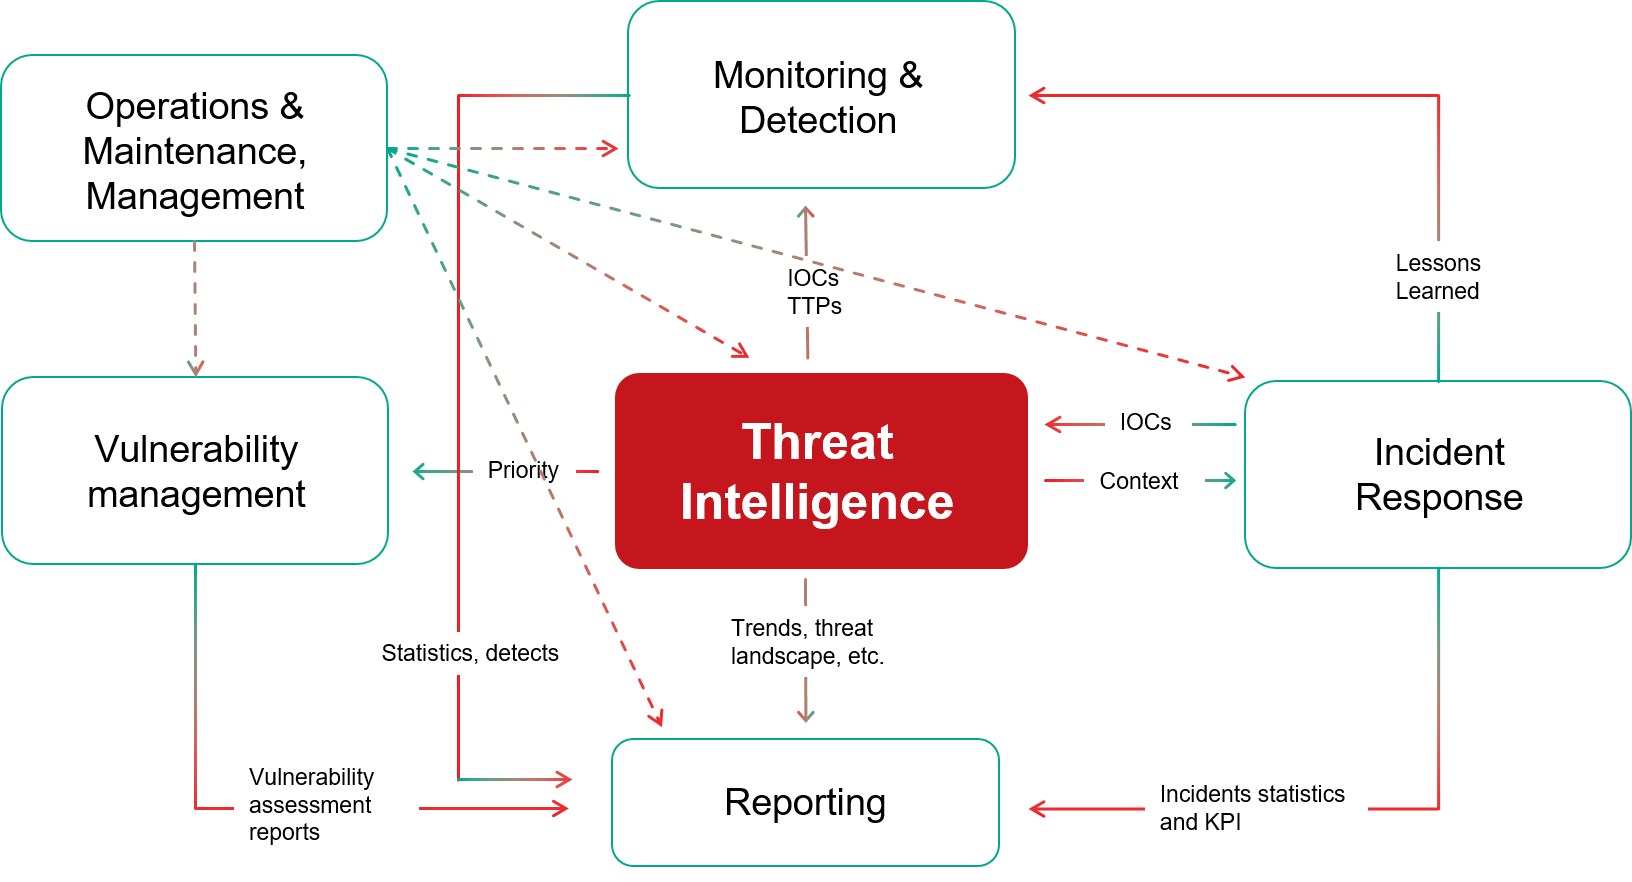 Управление безопасностью на основе потоков данных об угрозах